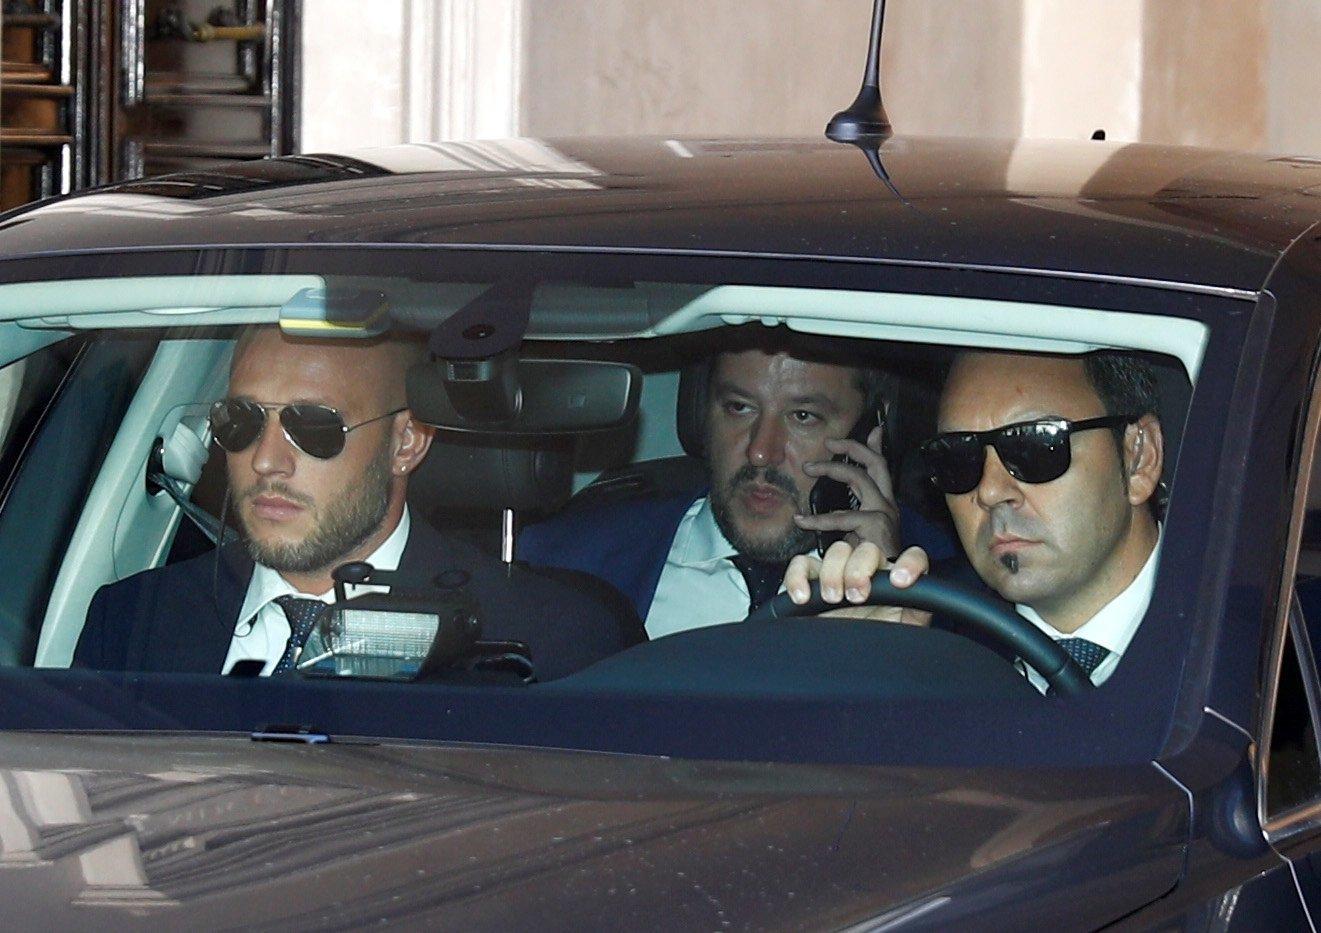 Νέο sell off στο Χρηματιστήριο ενώ ο Σαλβίνι κήρυξε πόλεμο στην Κομισιόν